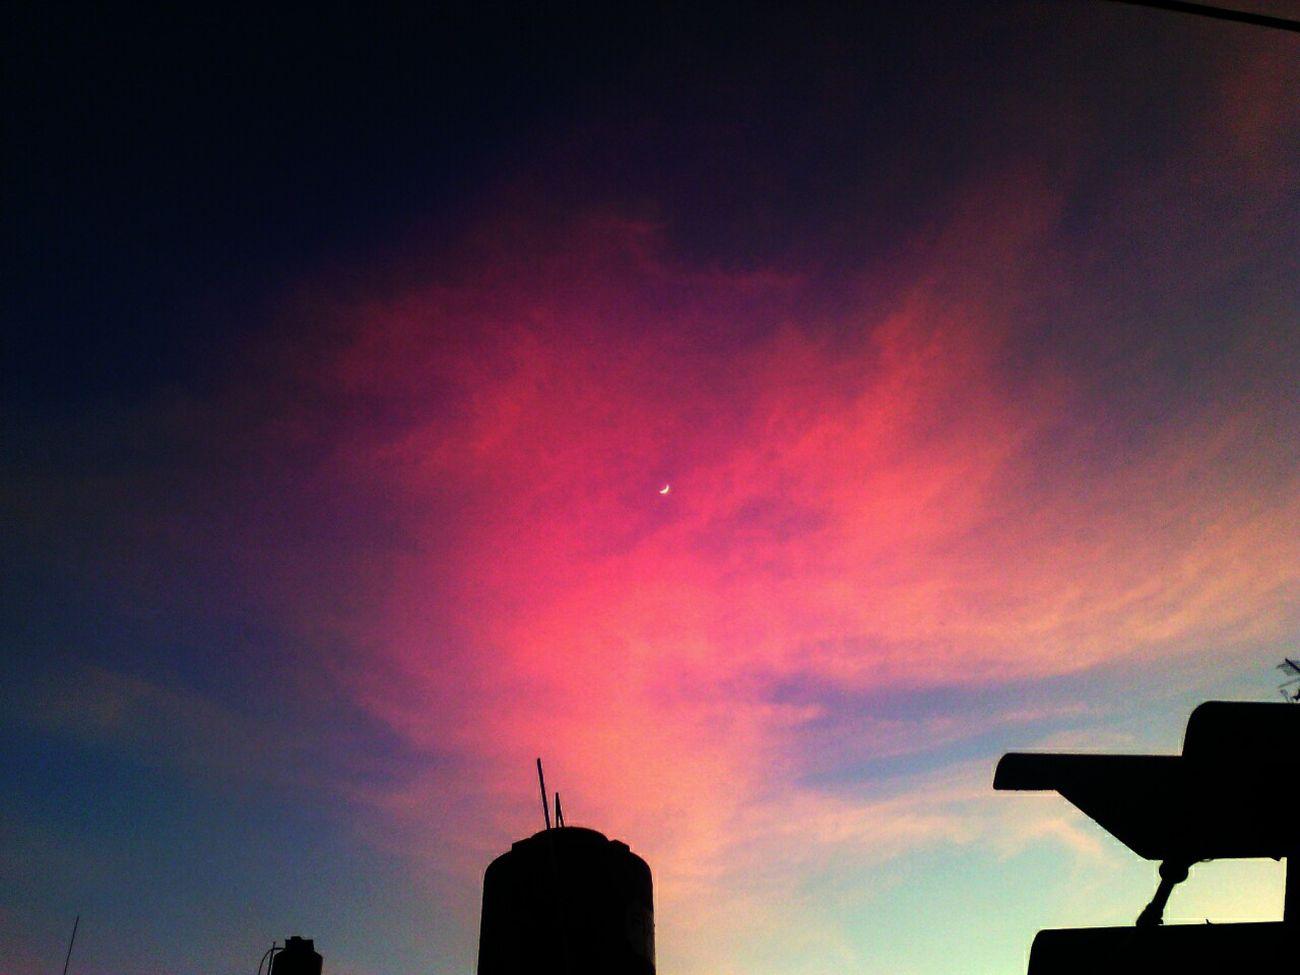 Y a pesar de esa mirada tierna, ya no puedo verla... Luna Recuerdos♥ Nubes Y Cielo Fuckyeah First Eyeem Photo EyeEm Team